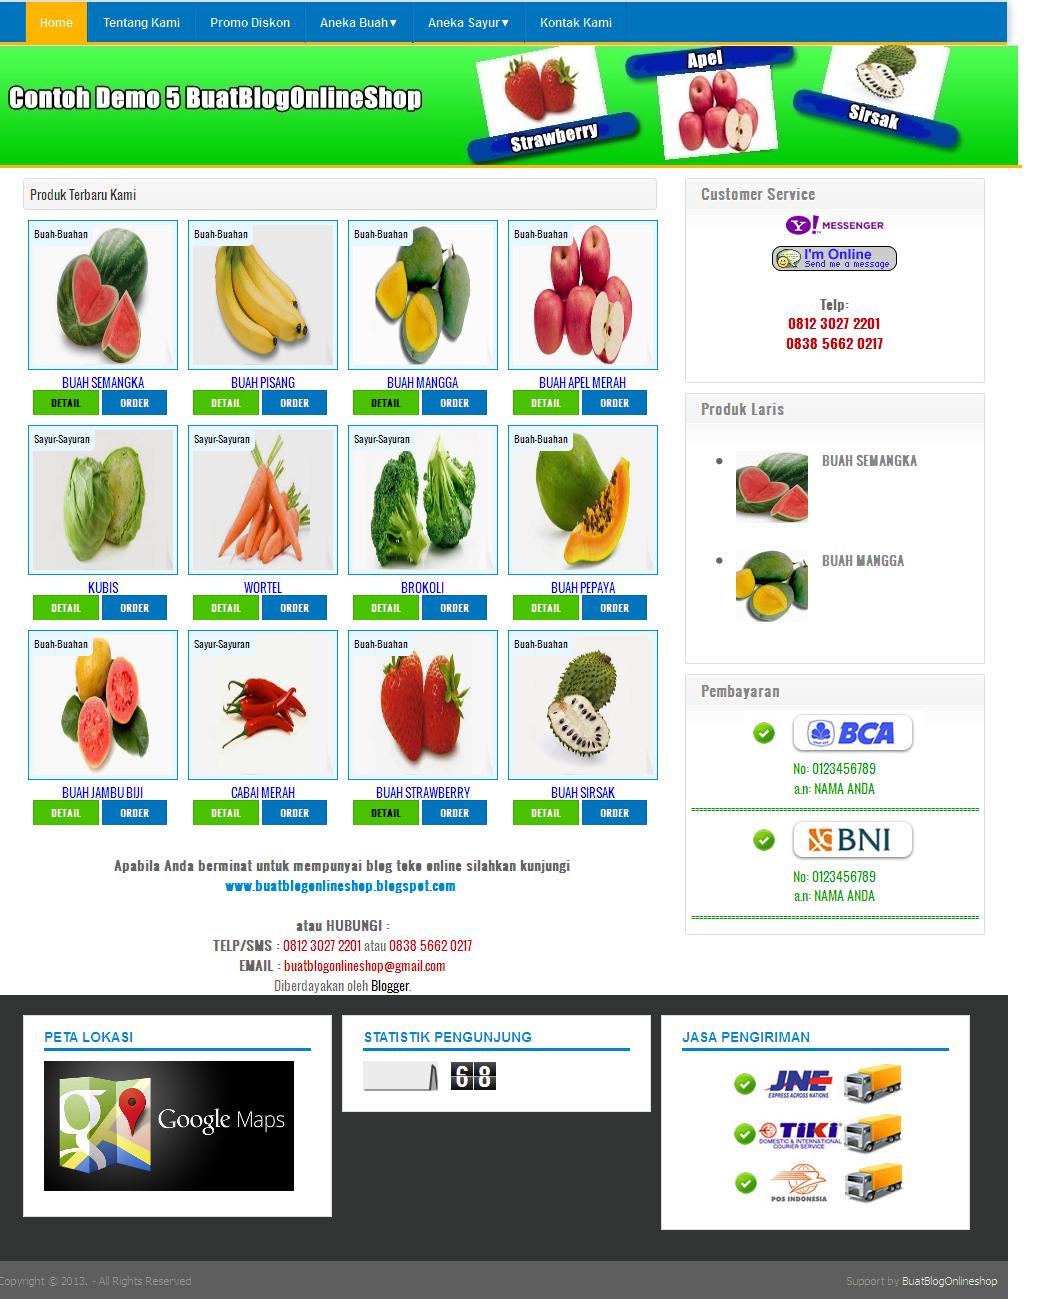 Buat Blog Online Shop: Paket Blog Toko Online